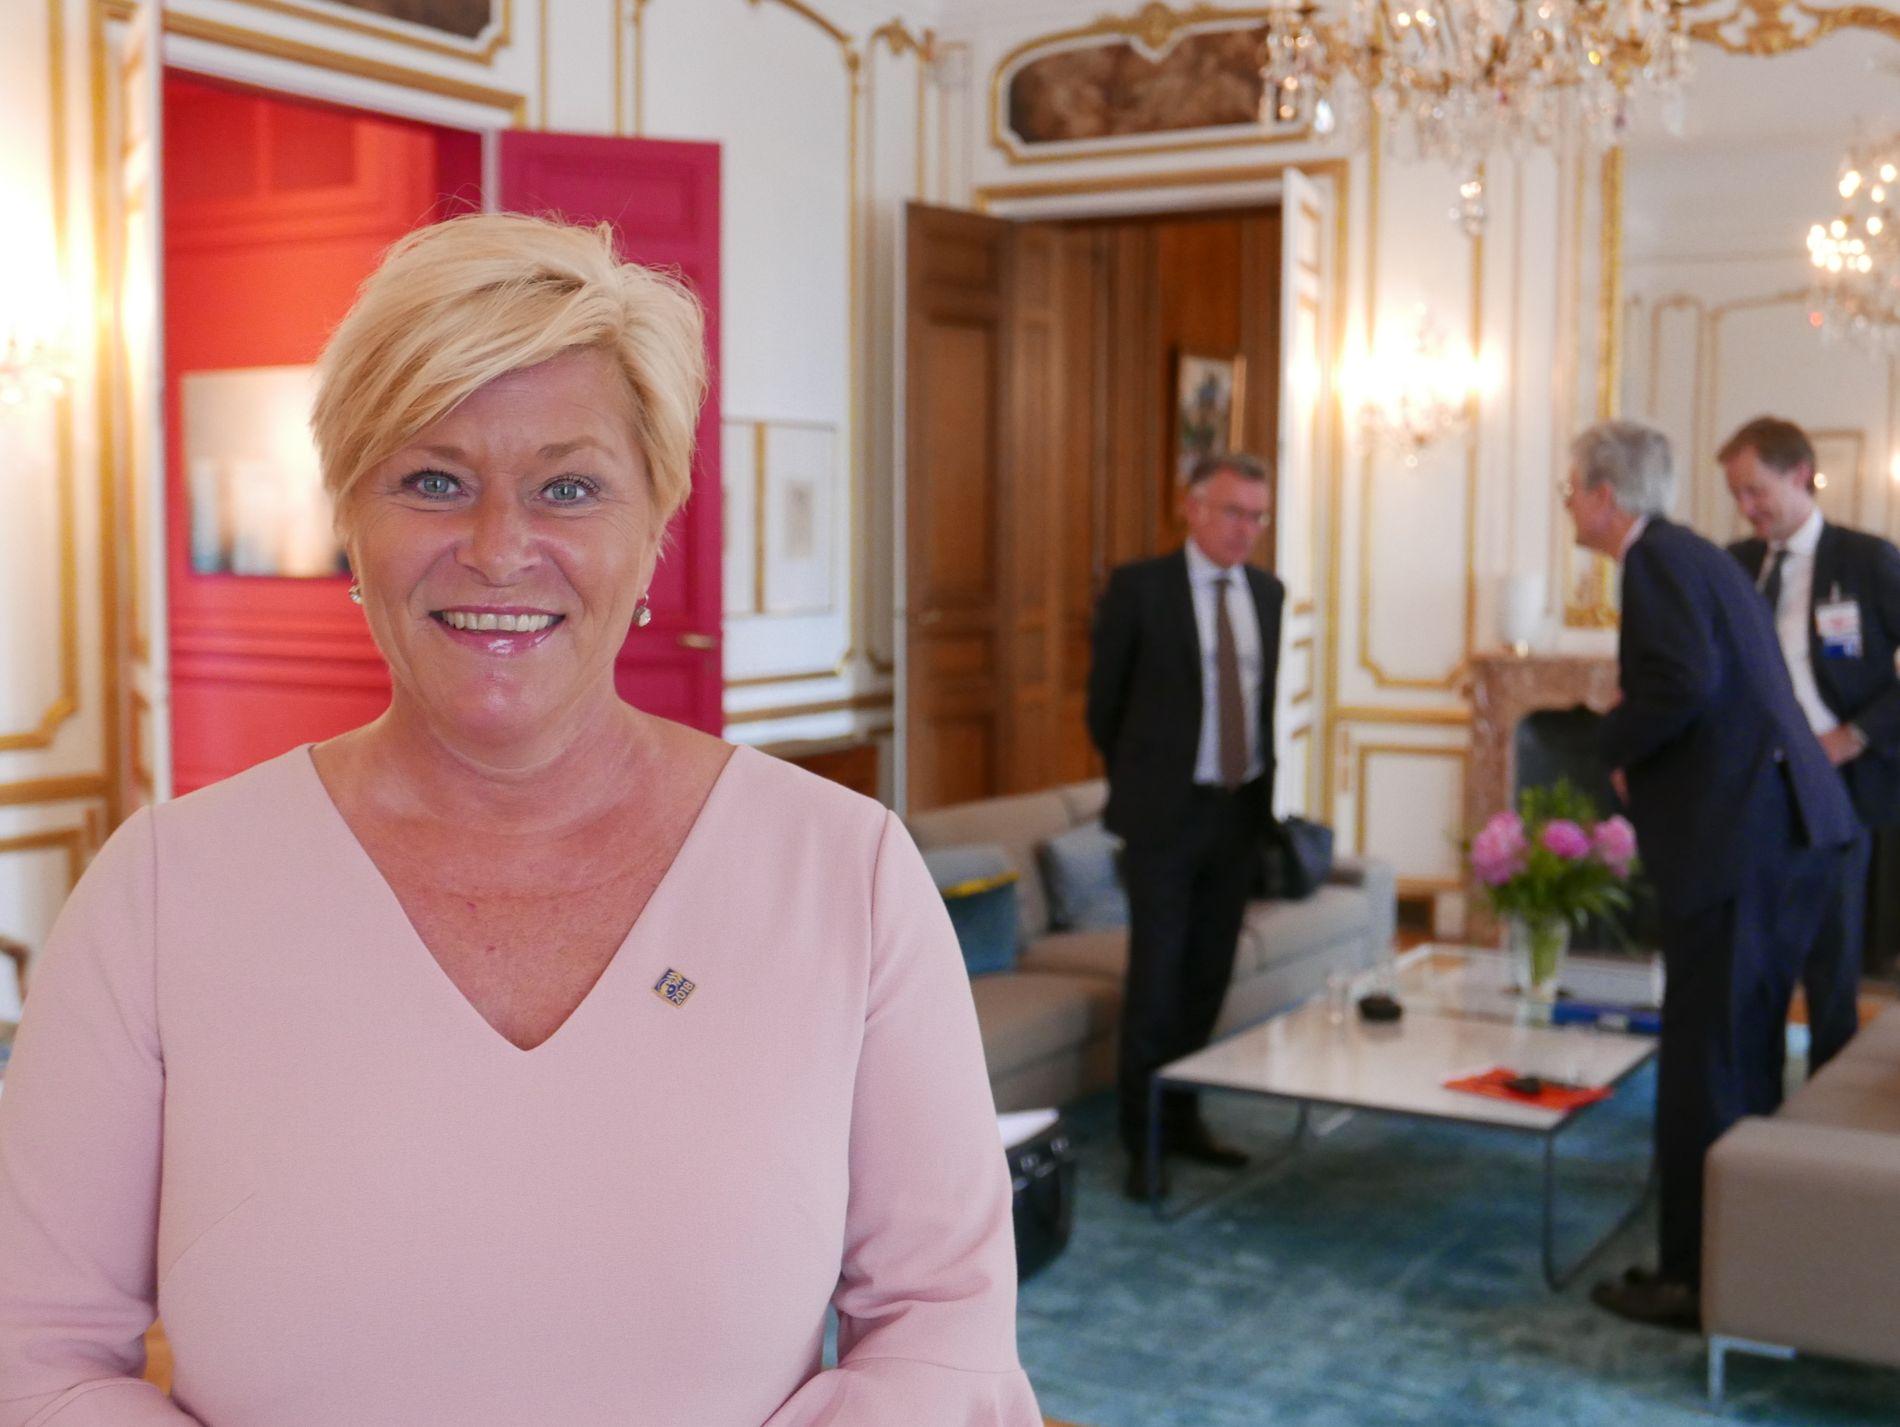 TILFREDS: Finansminister Siv Jensen sier seg enig i rapportens vurderinger, som ble offentliggjort på OECD-møtet i Frankrikes hovedstad onsdag formiddag. Jensen rakk et besøk på Norges ambassade i Paris.